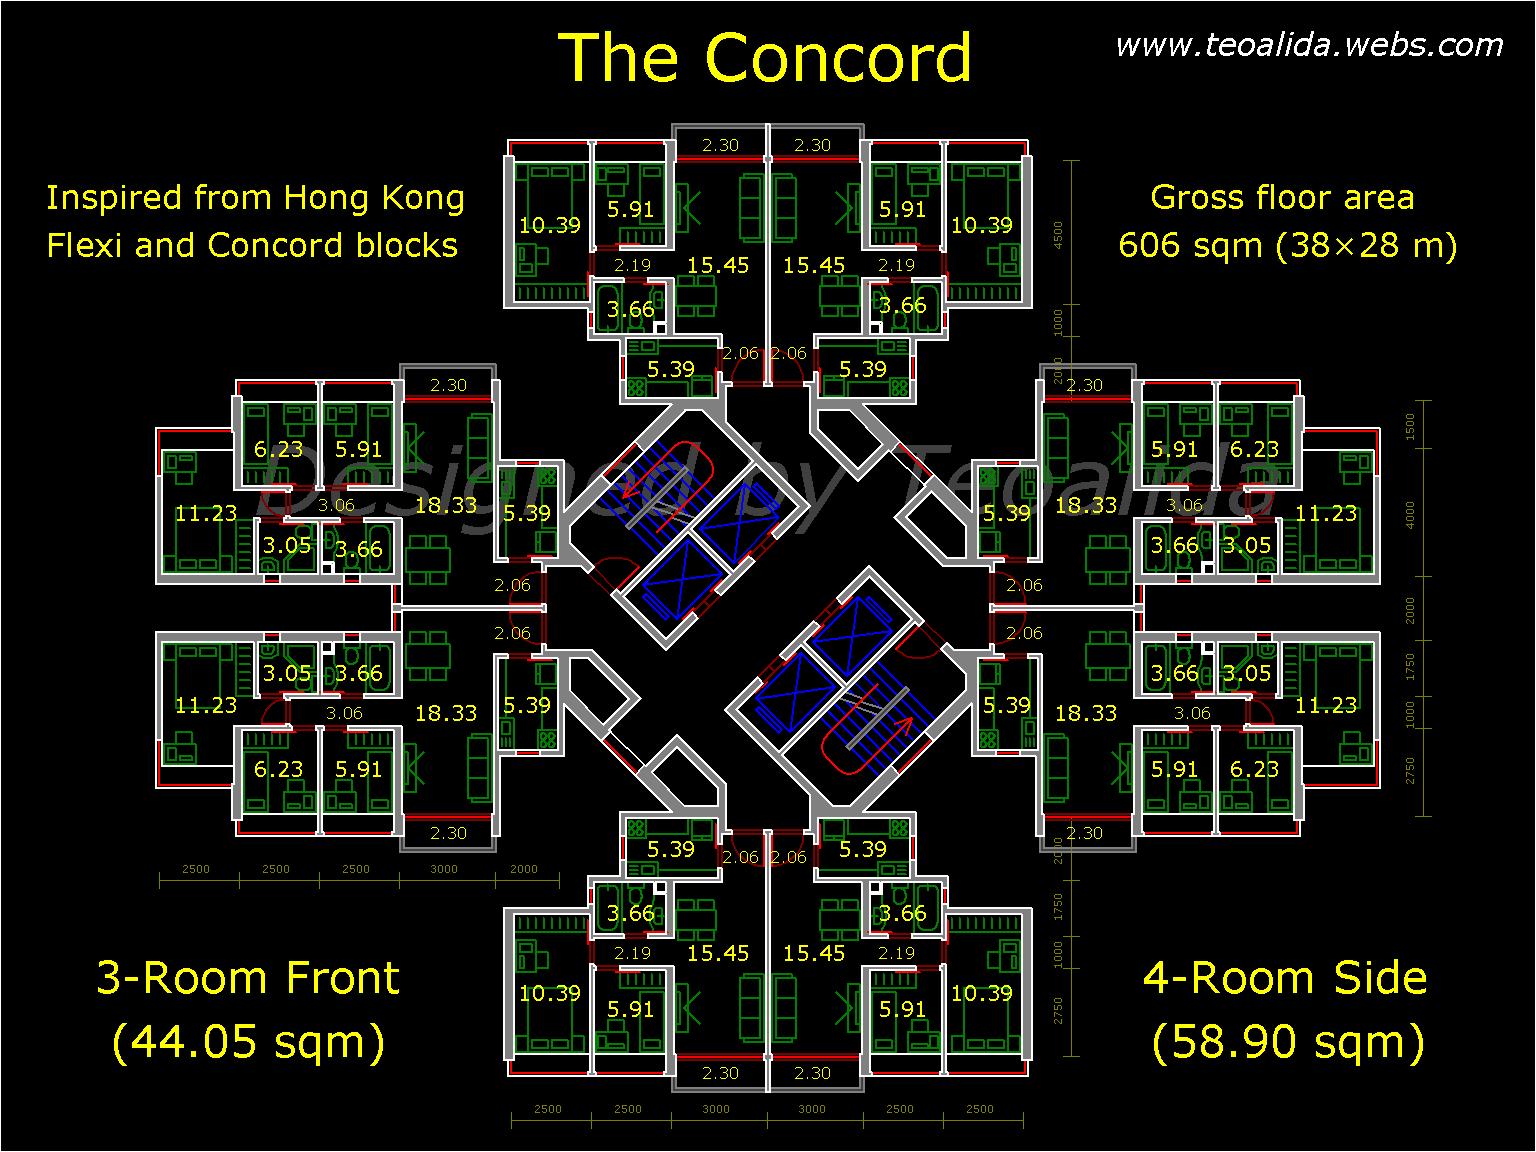 HK Concurd